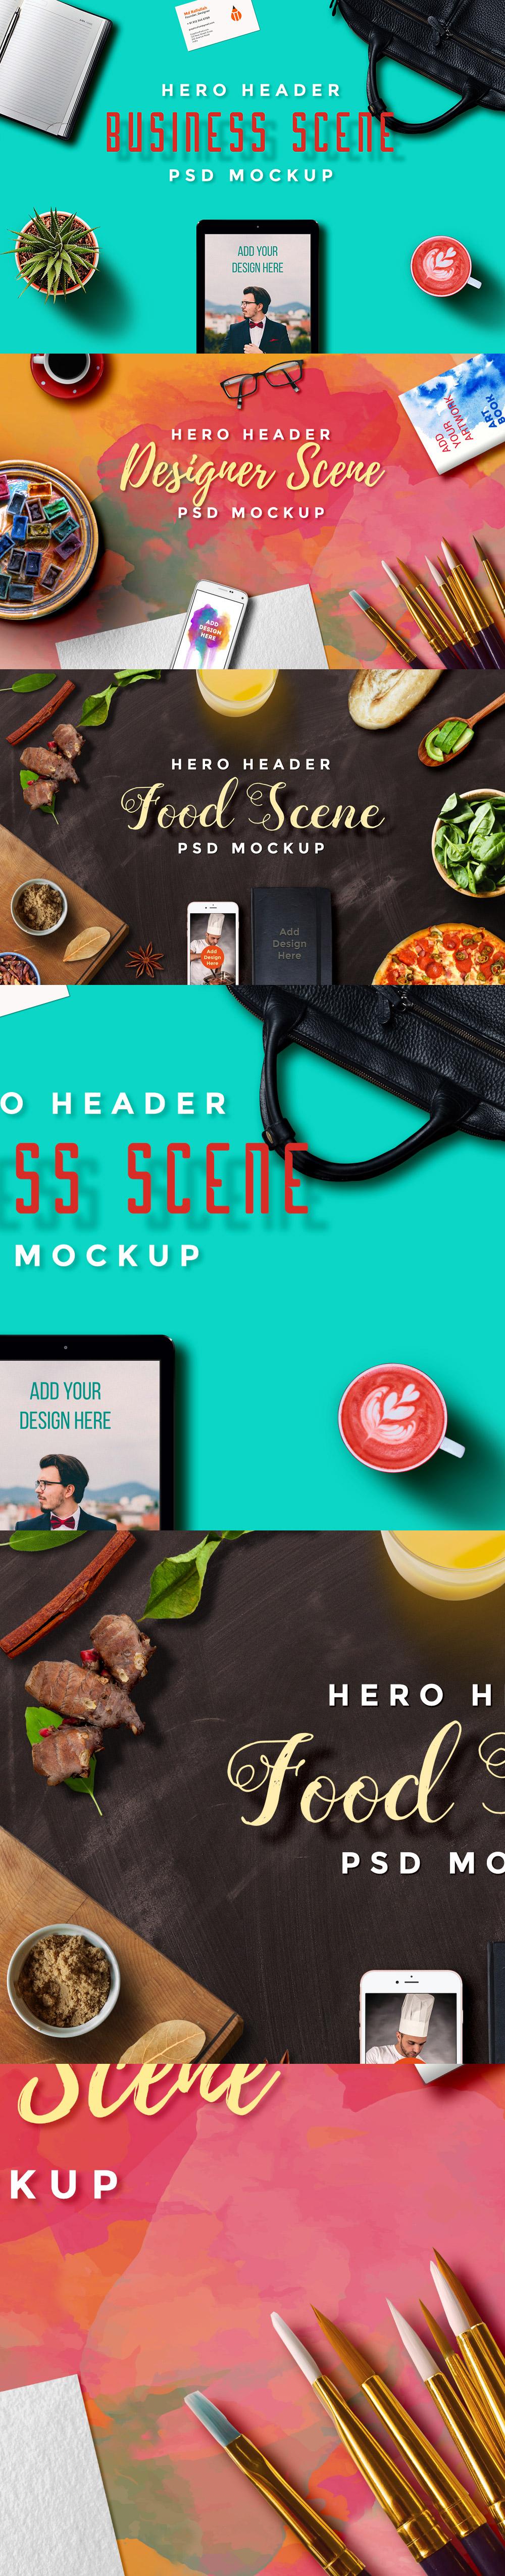 Hero Header Scene Mockup PSD Templates